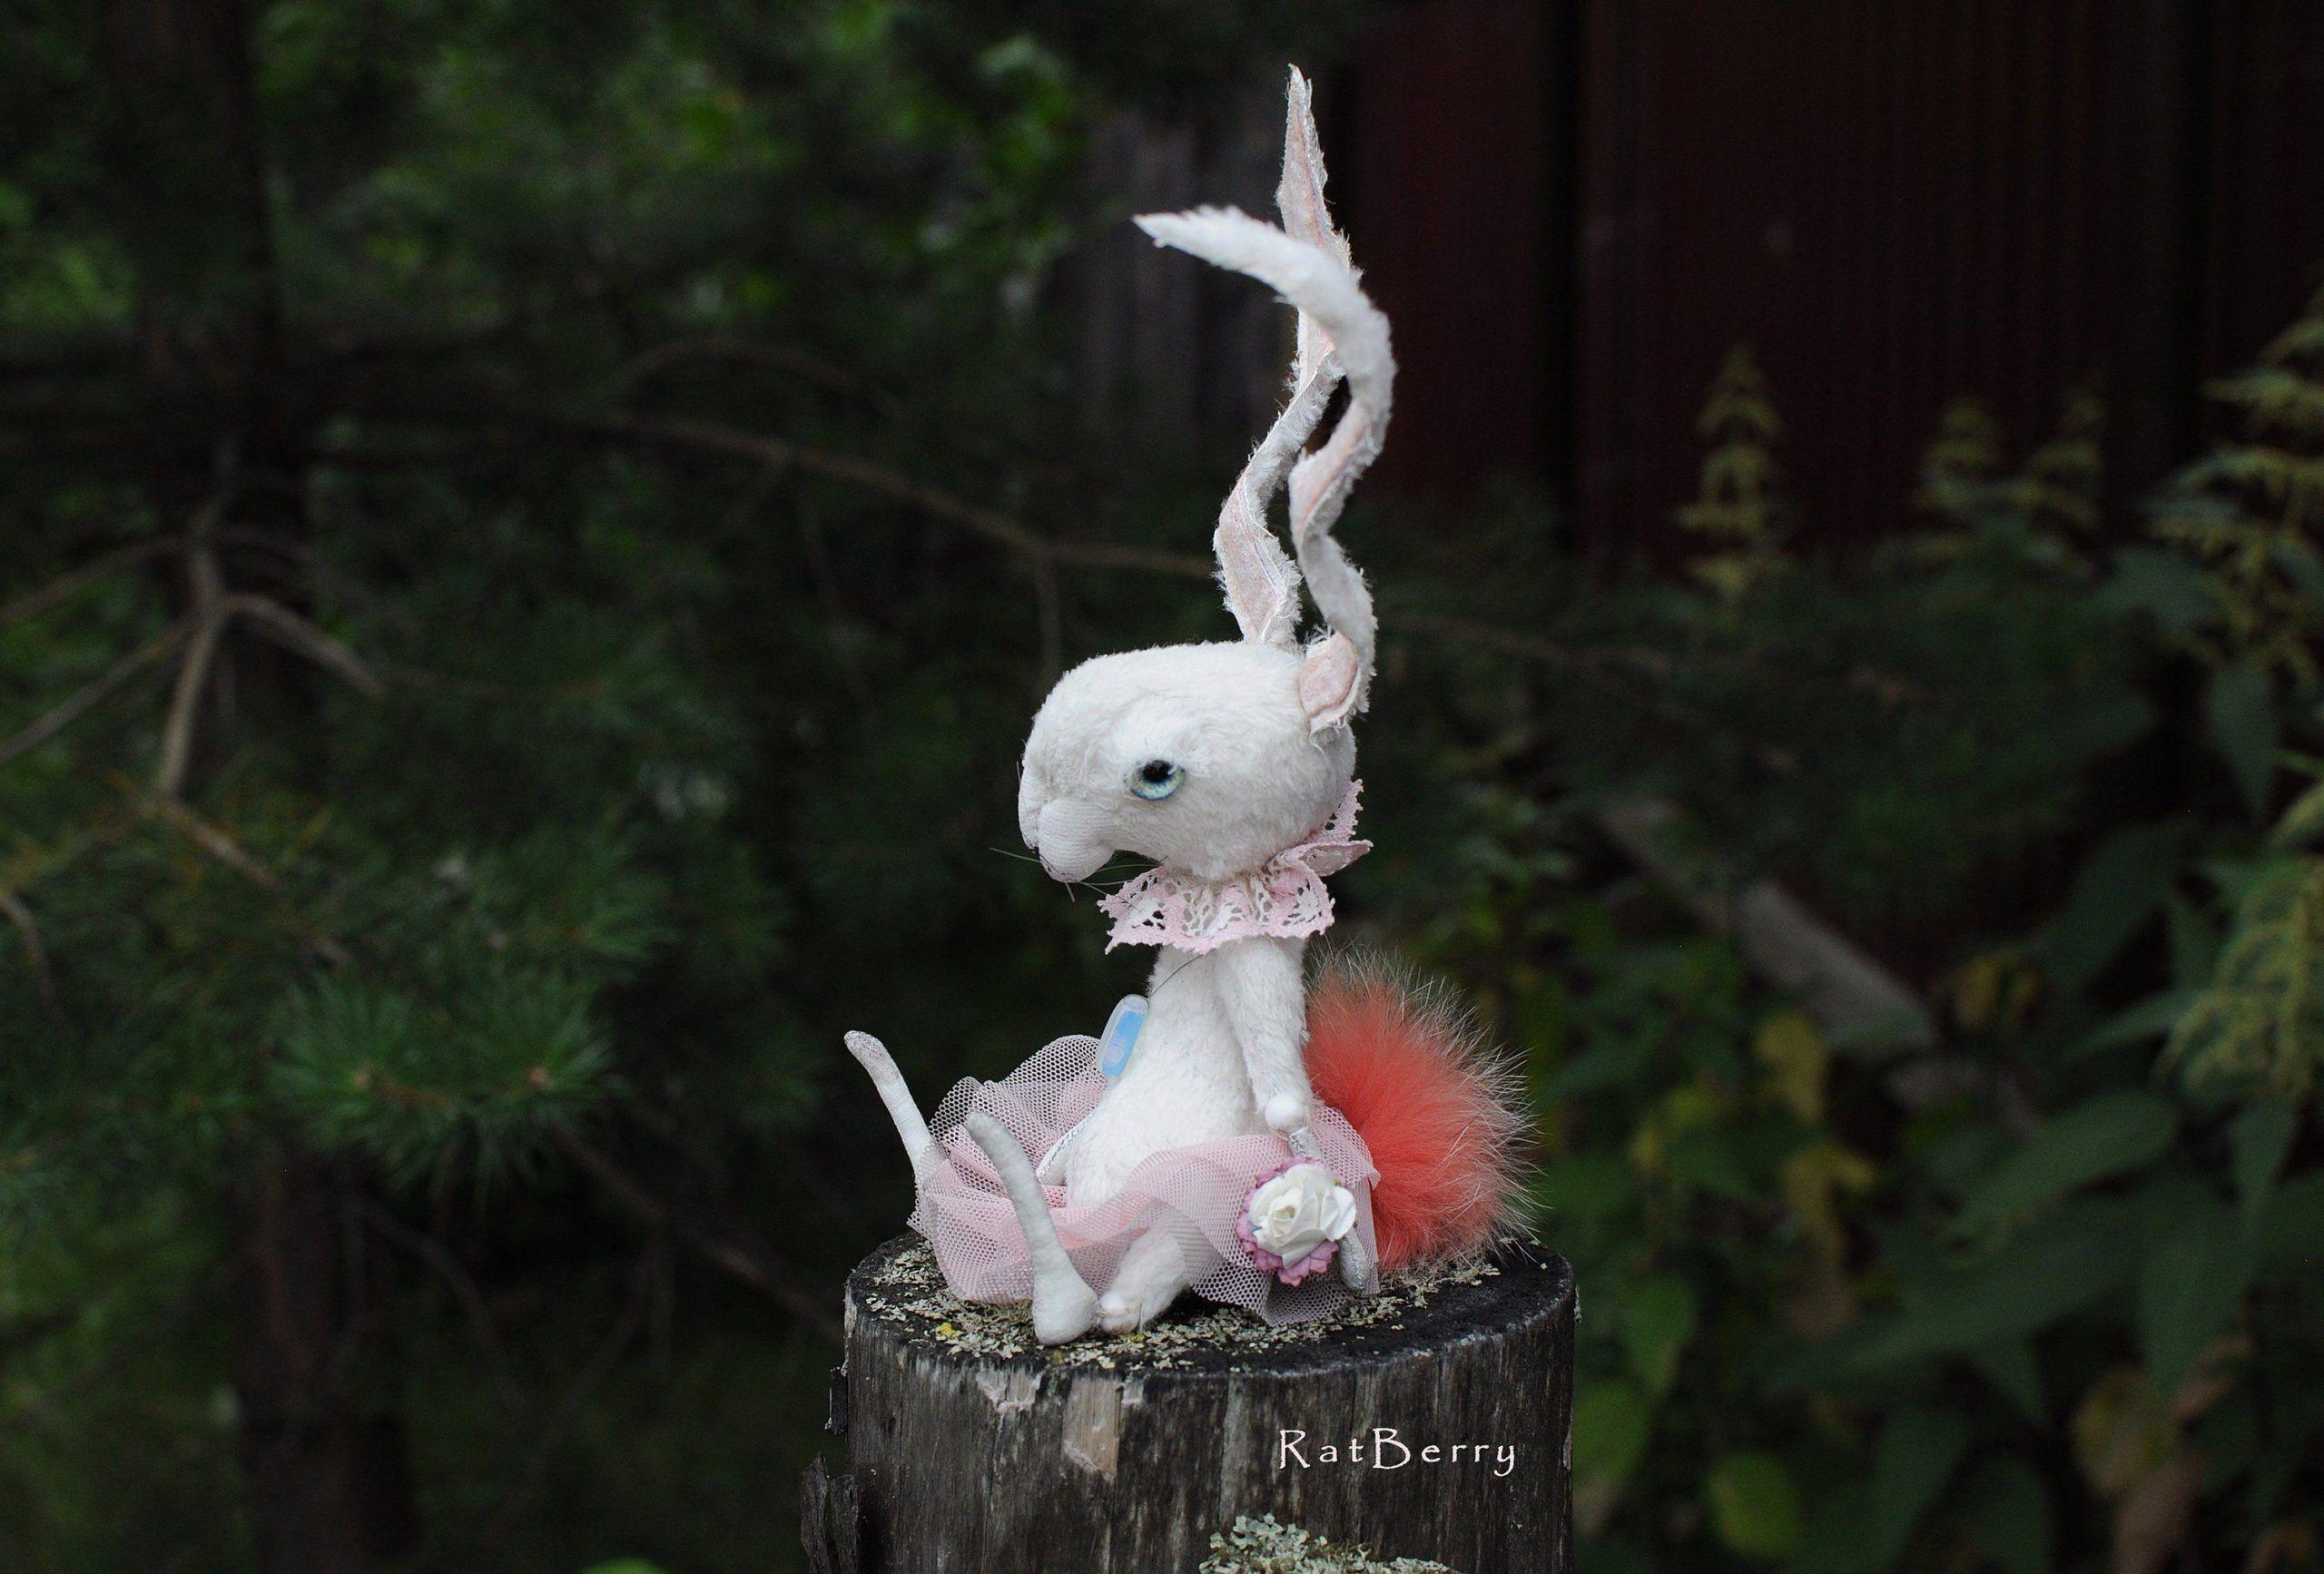 Ratberry Hasenplusch Weisses Kaninchen Gruselige Kuscheltiere Personalisierte Gekleidete Tutu In 2020 Handgemachte Kuscheltiere Halloween Spielzeug Kuscheltier